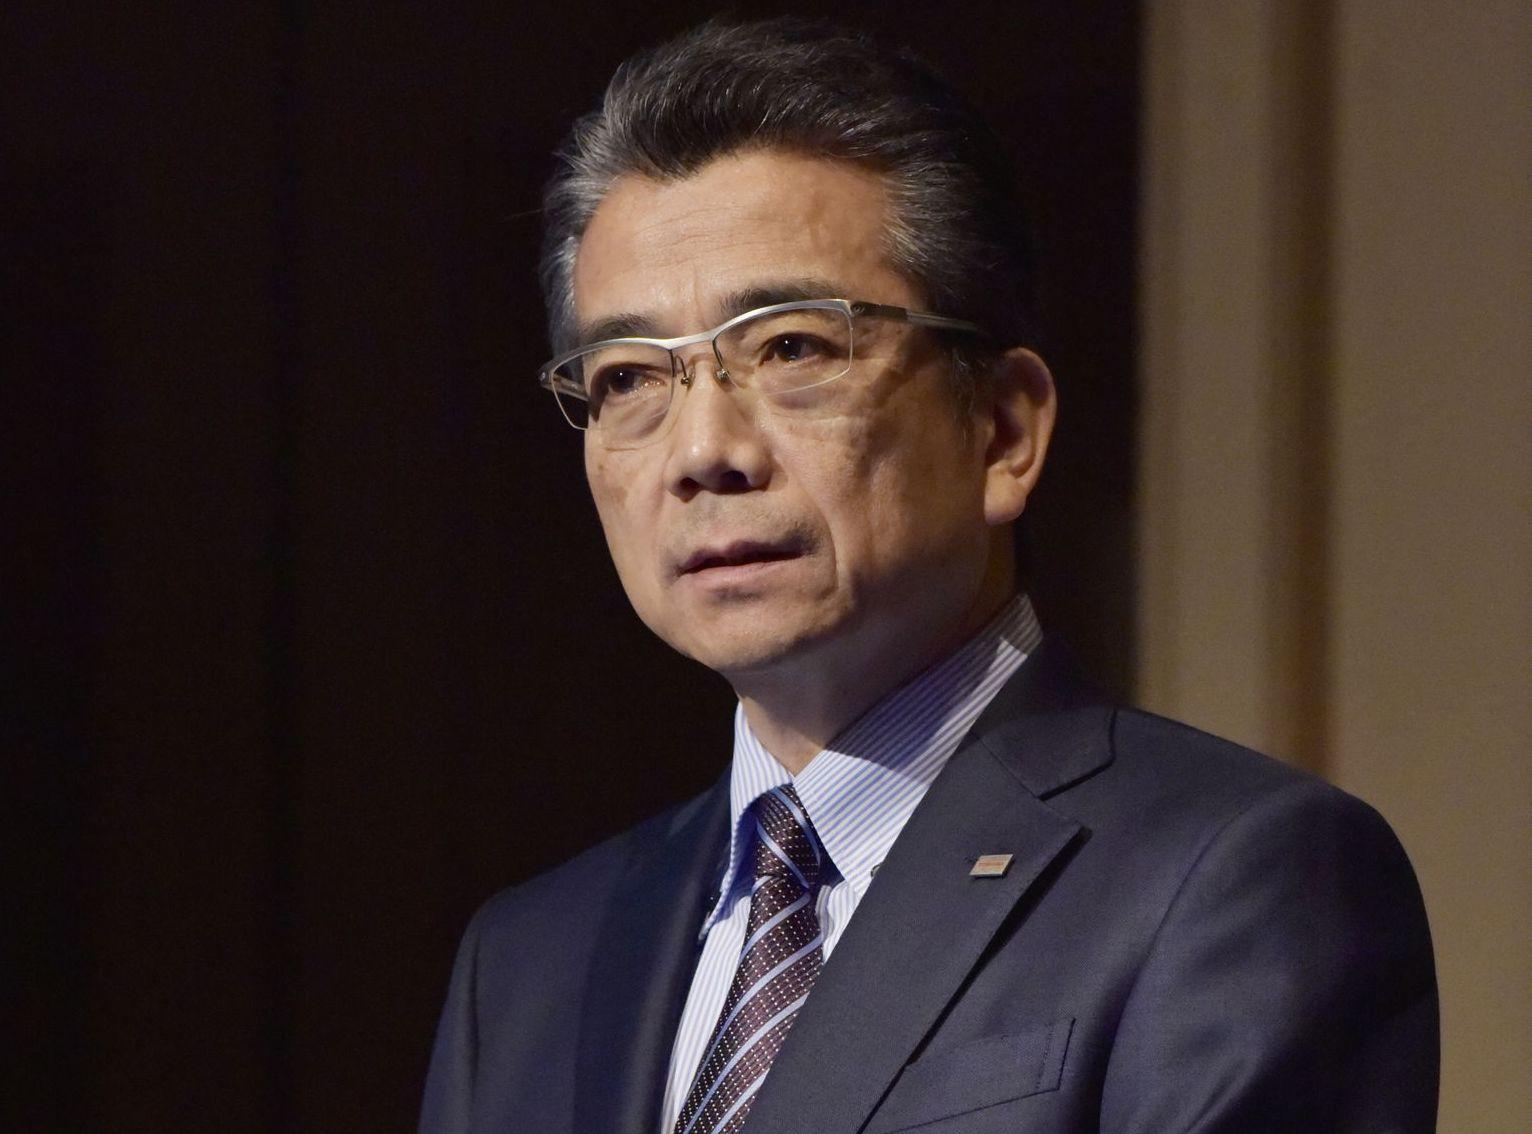 新生東芝が目指すデジタルサービス領域とは? - TOSHIBA OPEN INNOVATION FAIR 2017